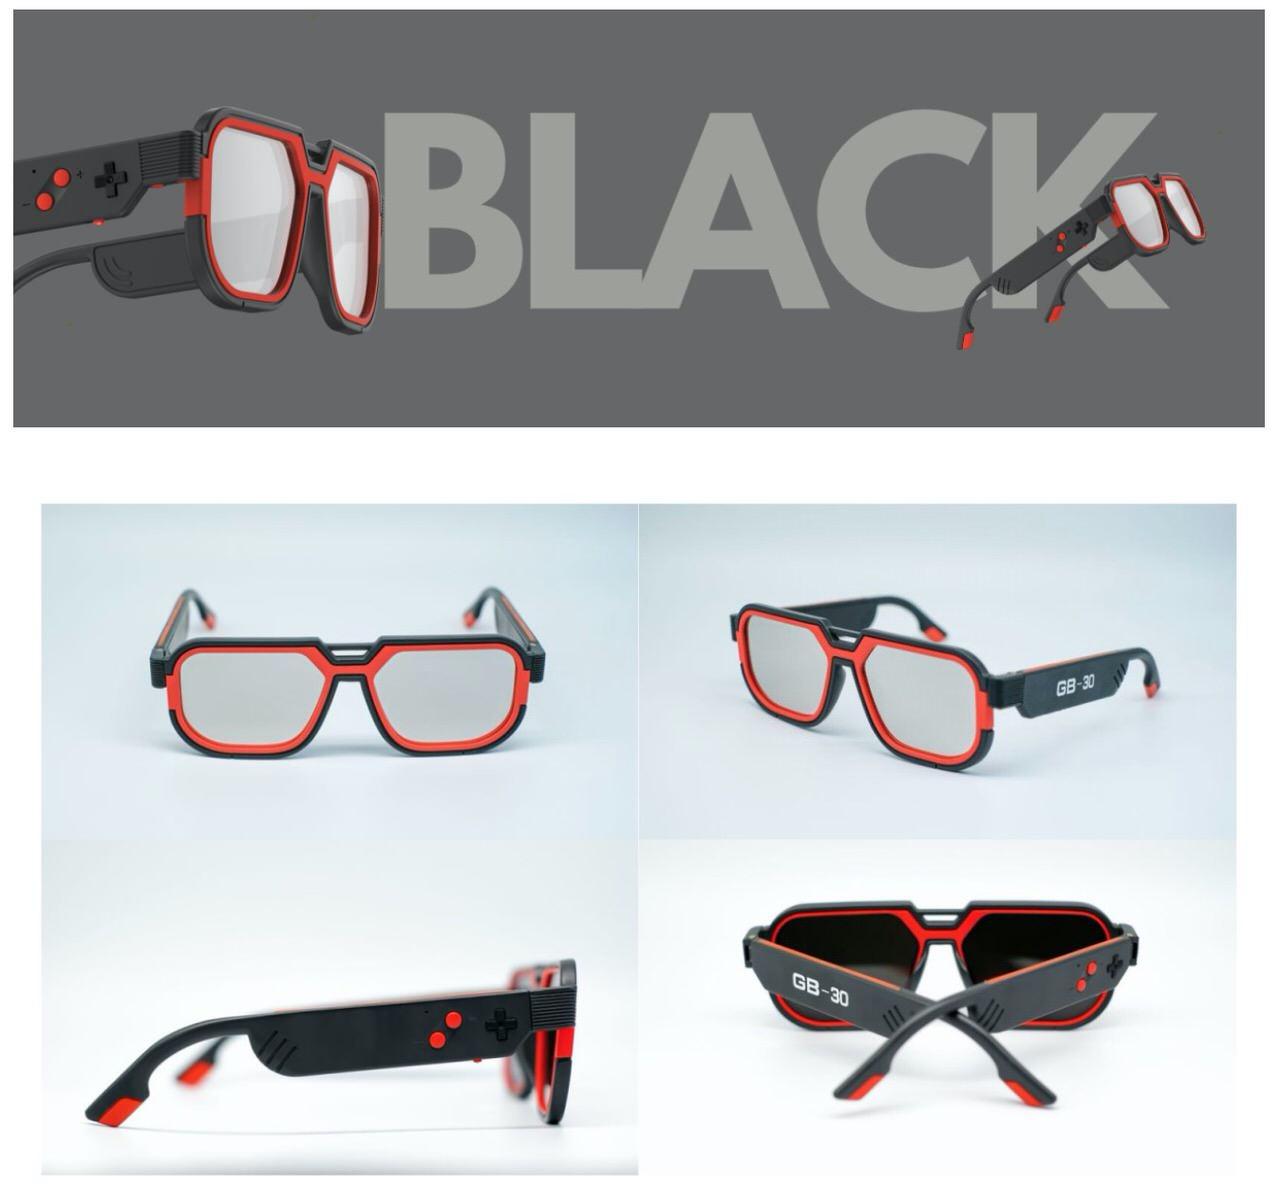 耳元で音が聴けるゲームボーイのようなレトロデザインのスマートメガネ「GB-30」